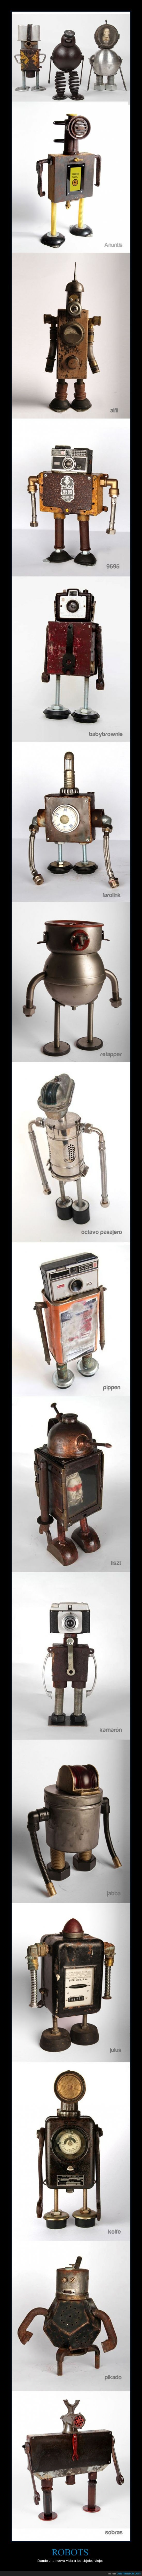 arte,dablada,escultura,metal,recicla,robot,robots